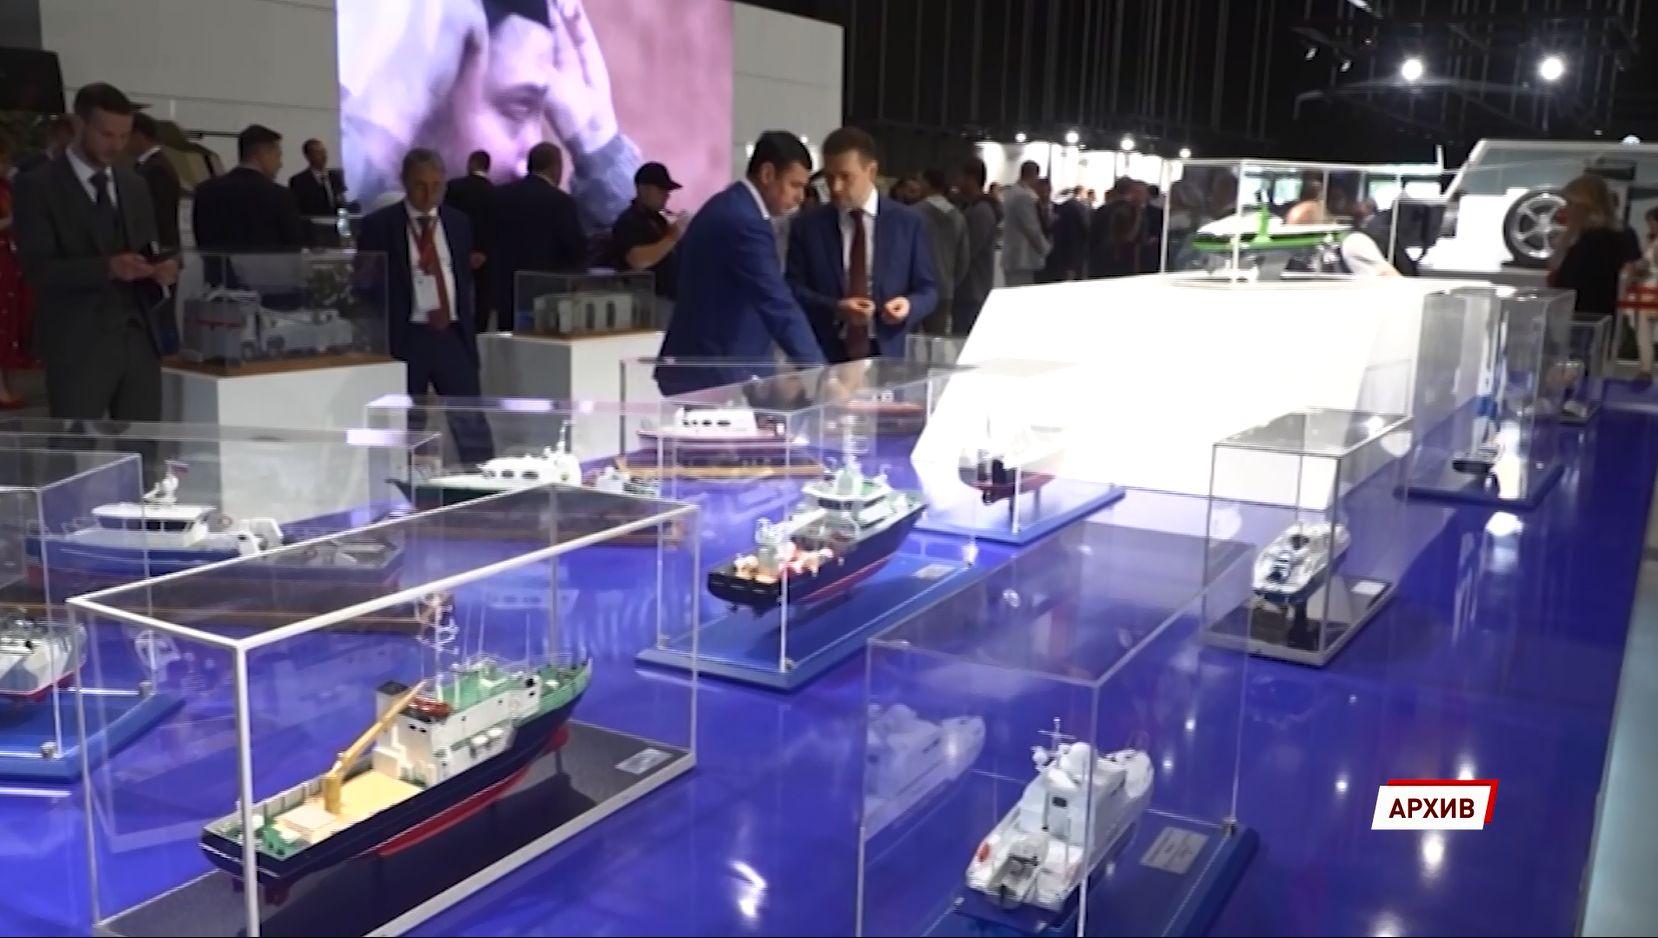 Ярославские предприятия демонстрируют лучшие образцы вооружения и техники на форуме Армия-2021